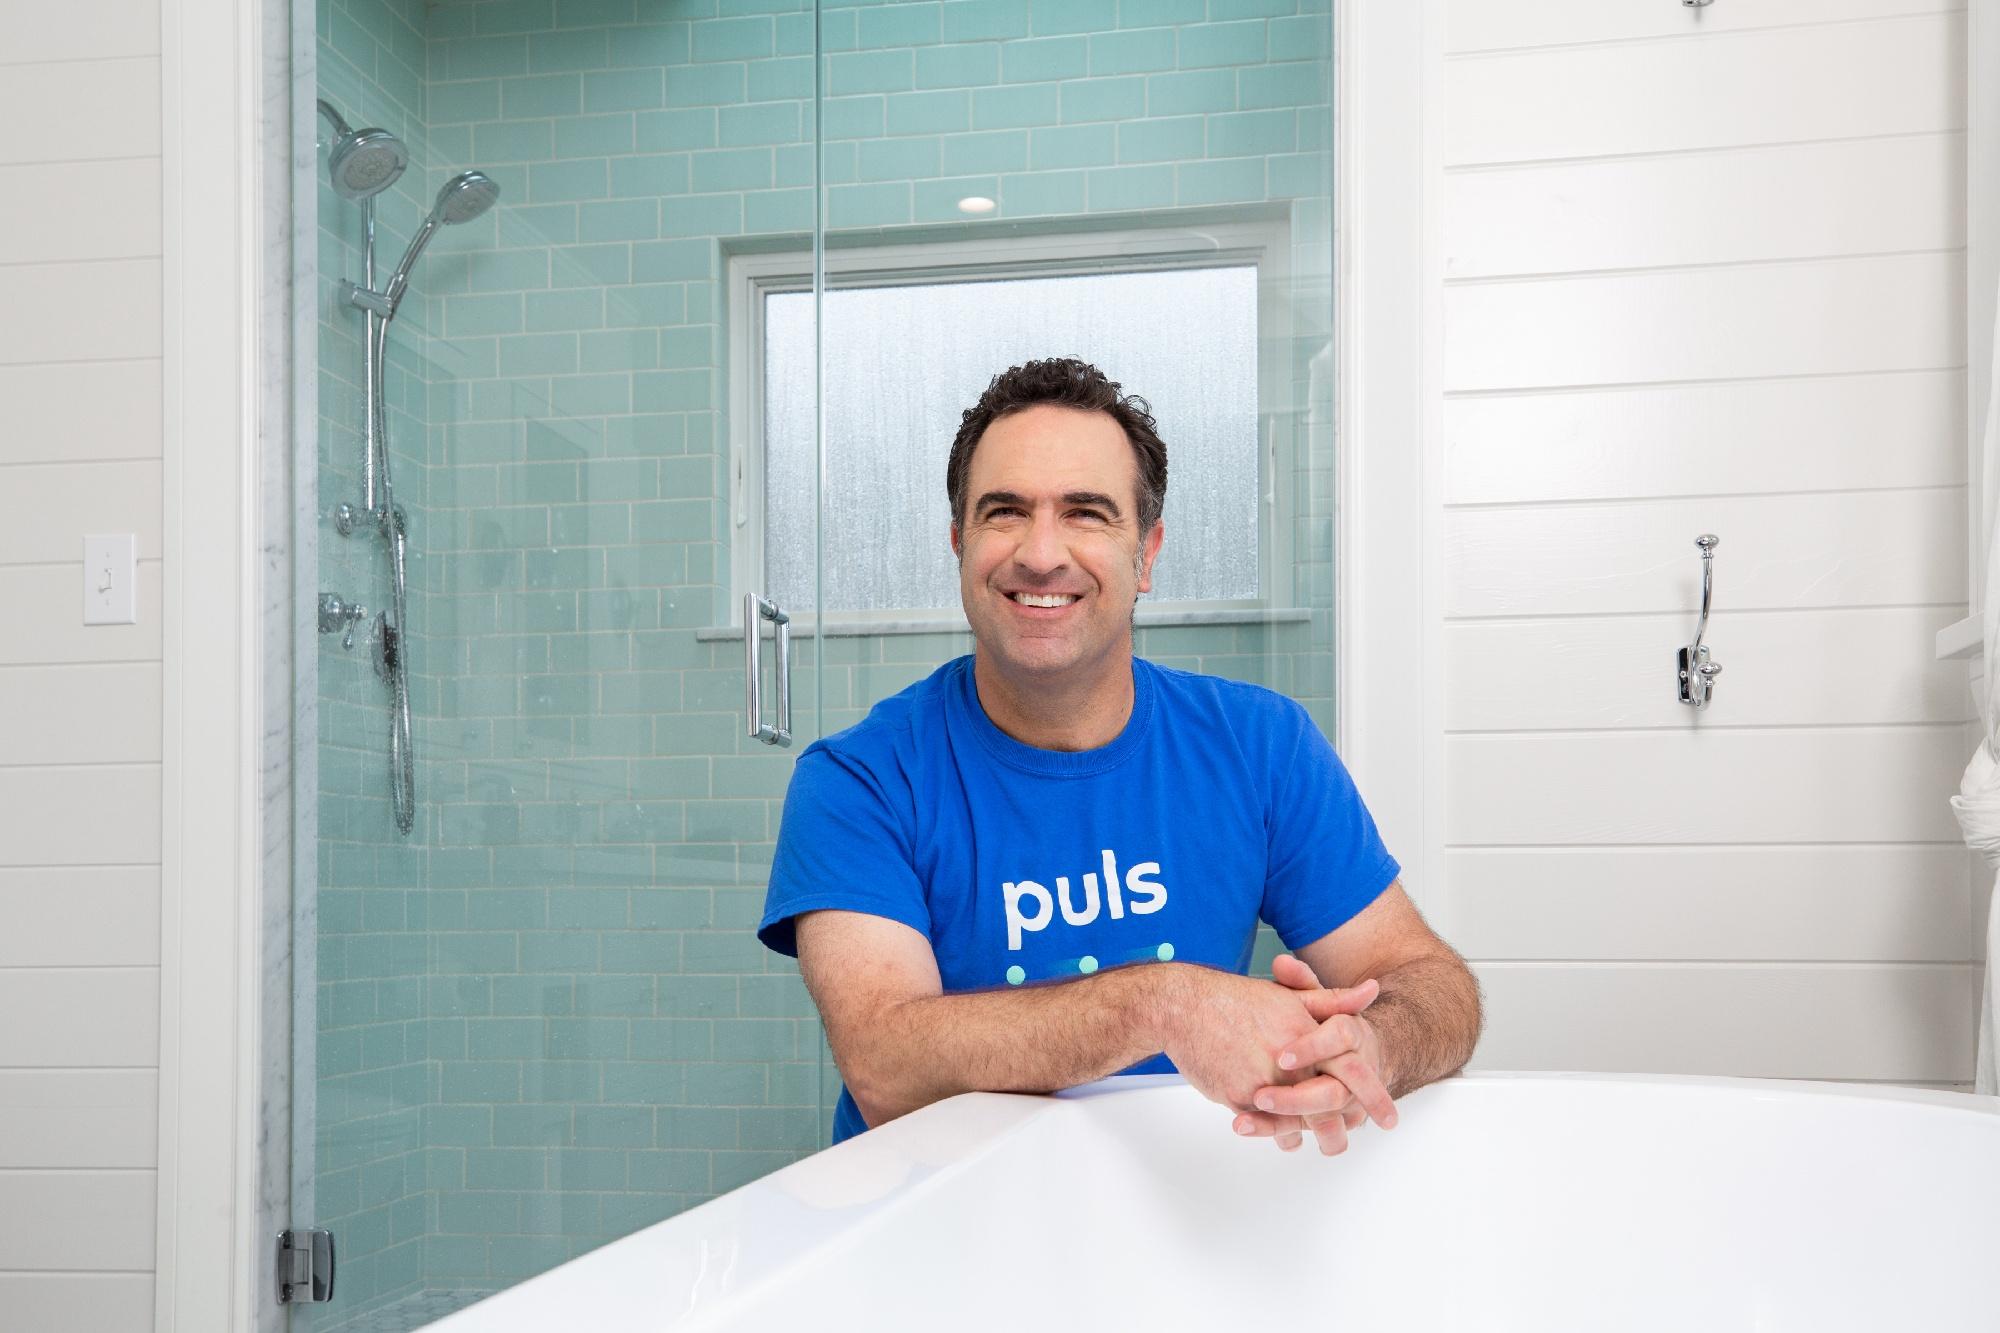 Puls plumbing technician